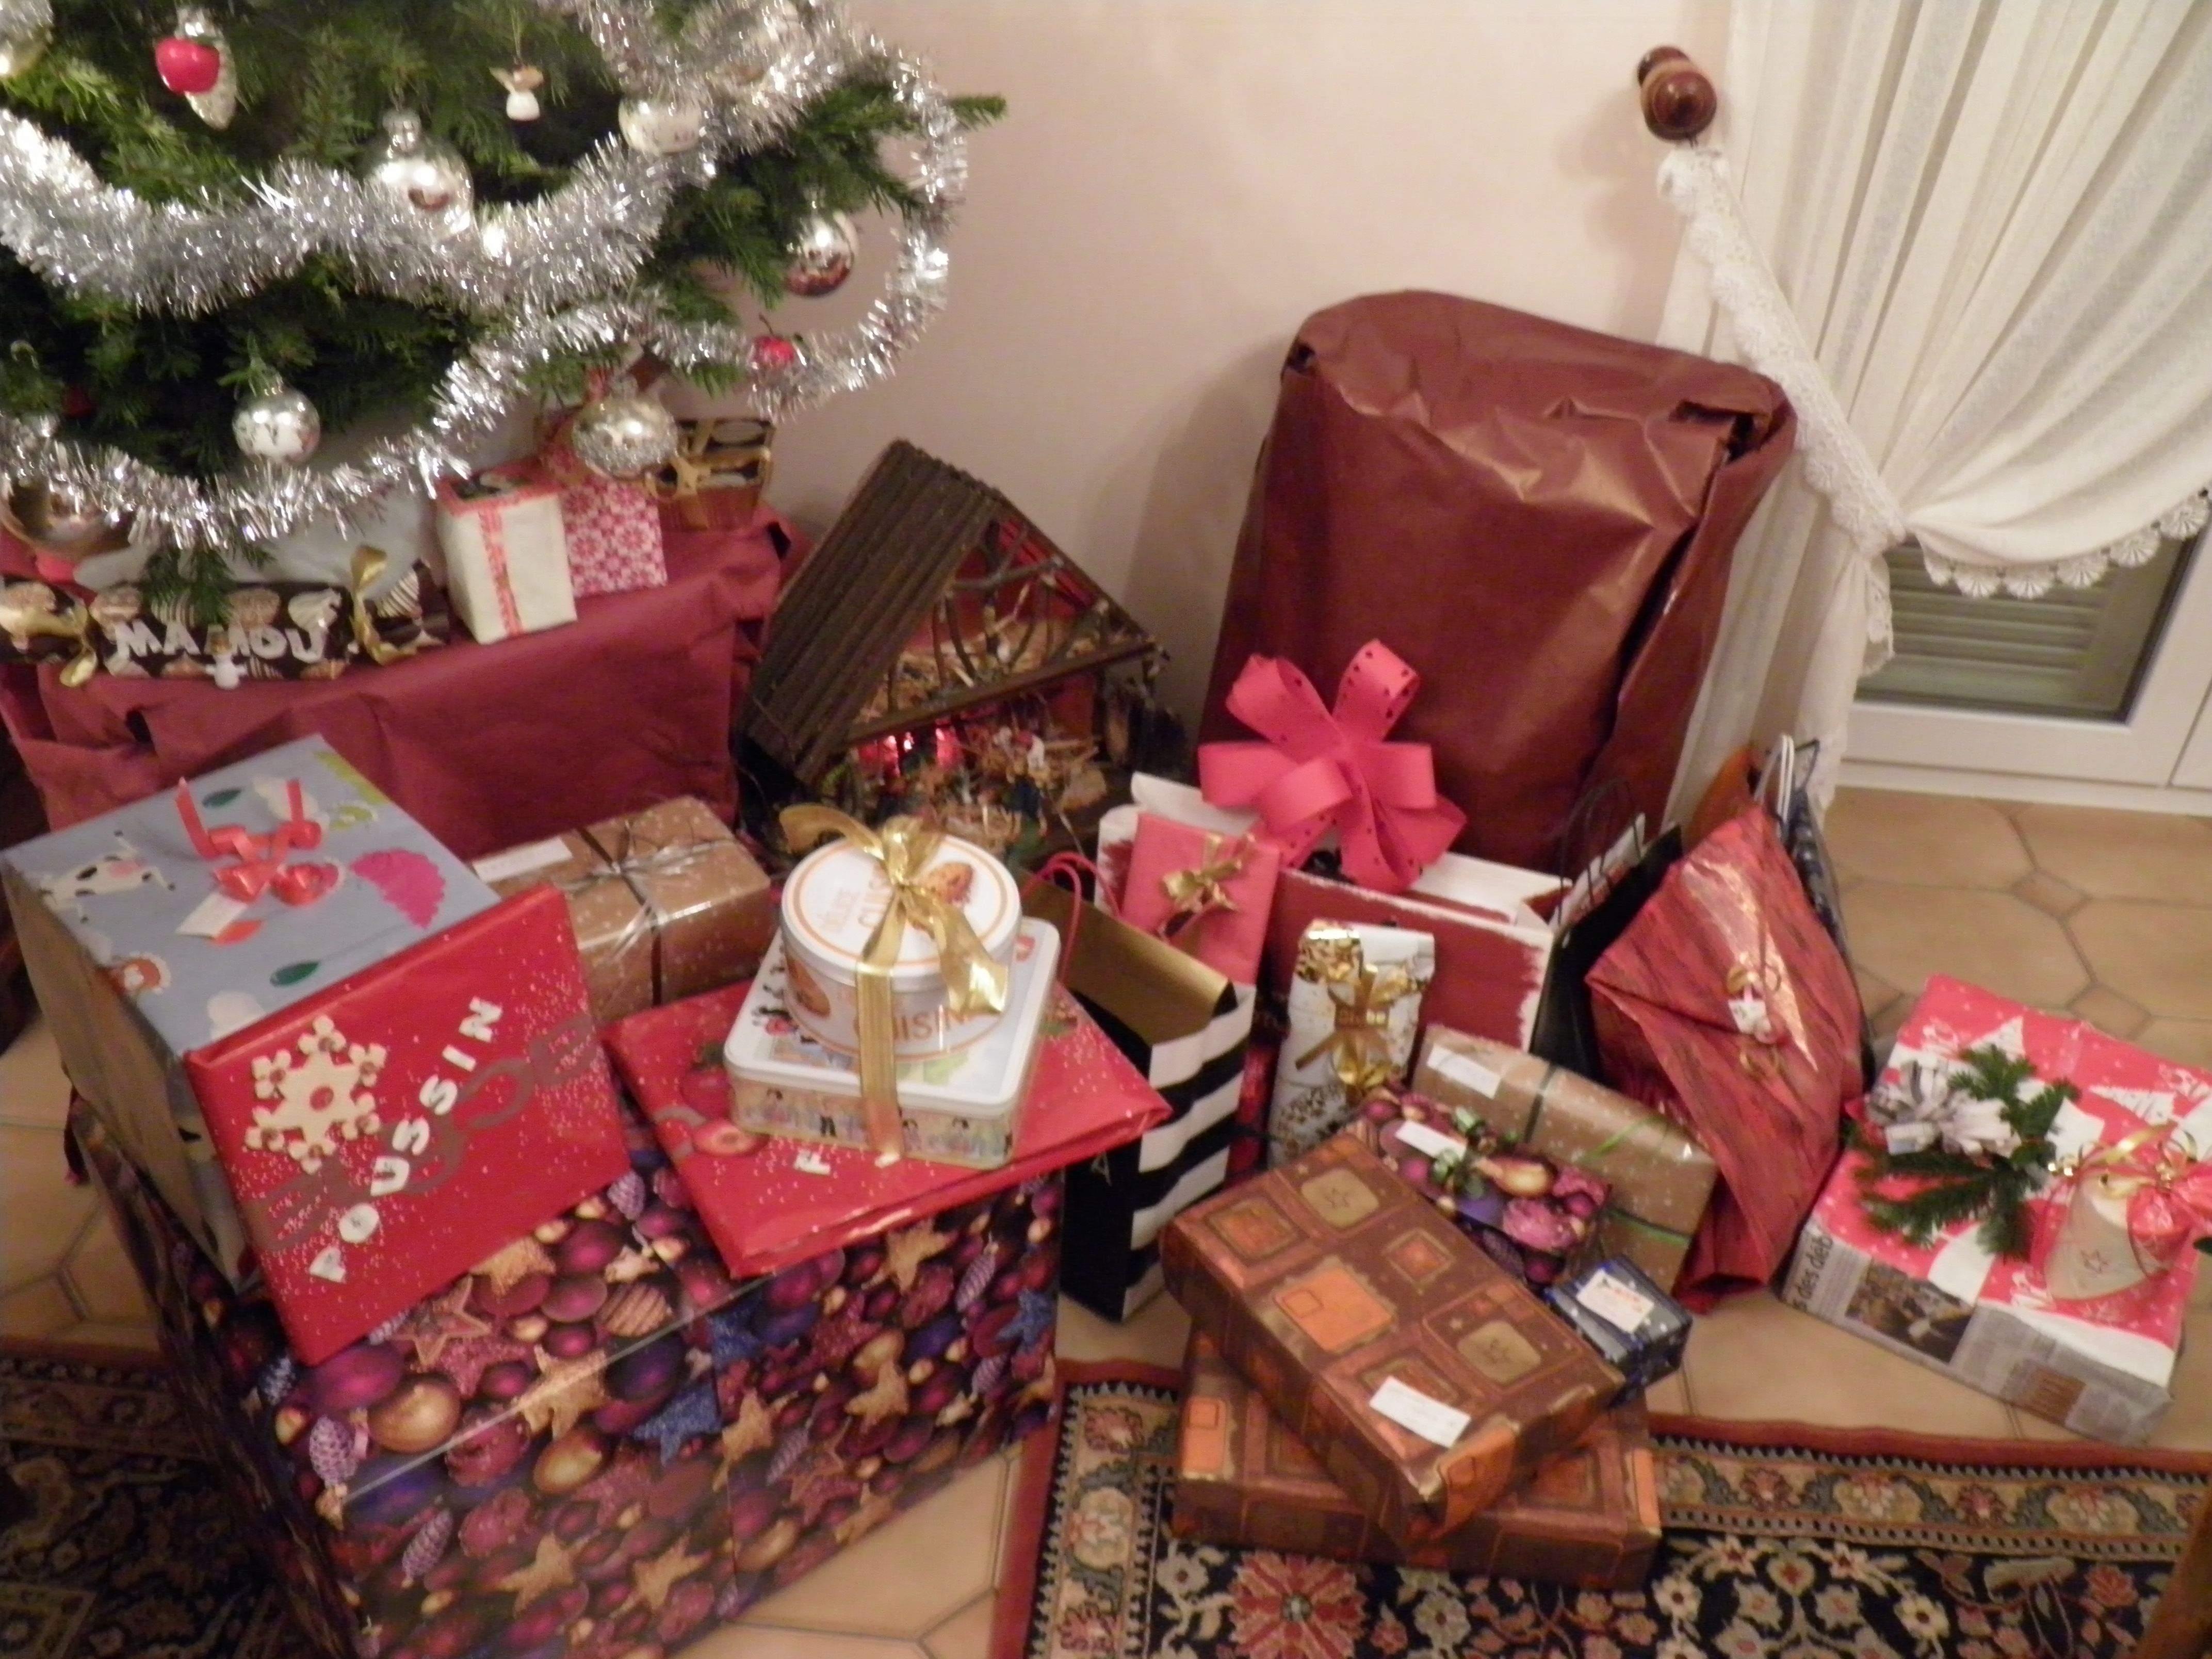 Echanges de cadeaux pour Noël ~   Cadeaux_de_No%C3%ABl_%282%29